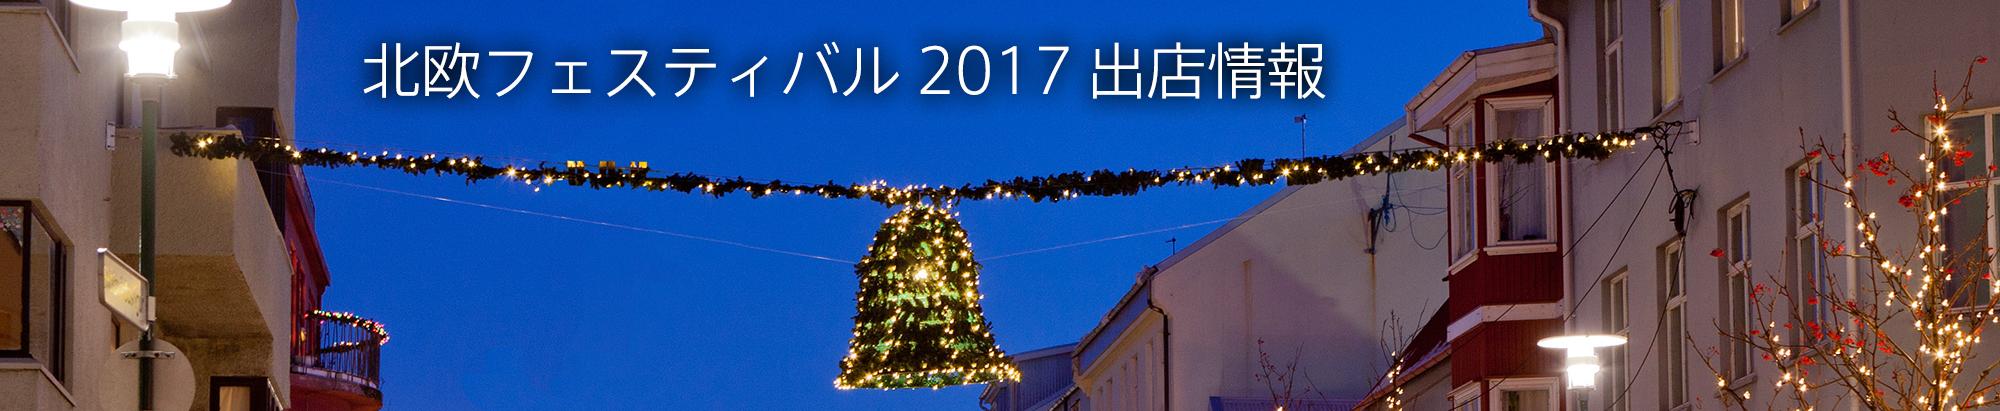 北欧フェスティバル 2017 出店情報